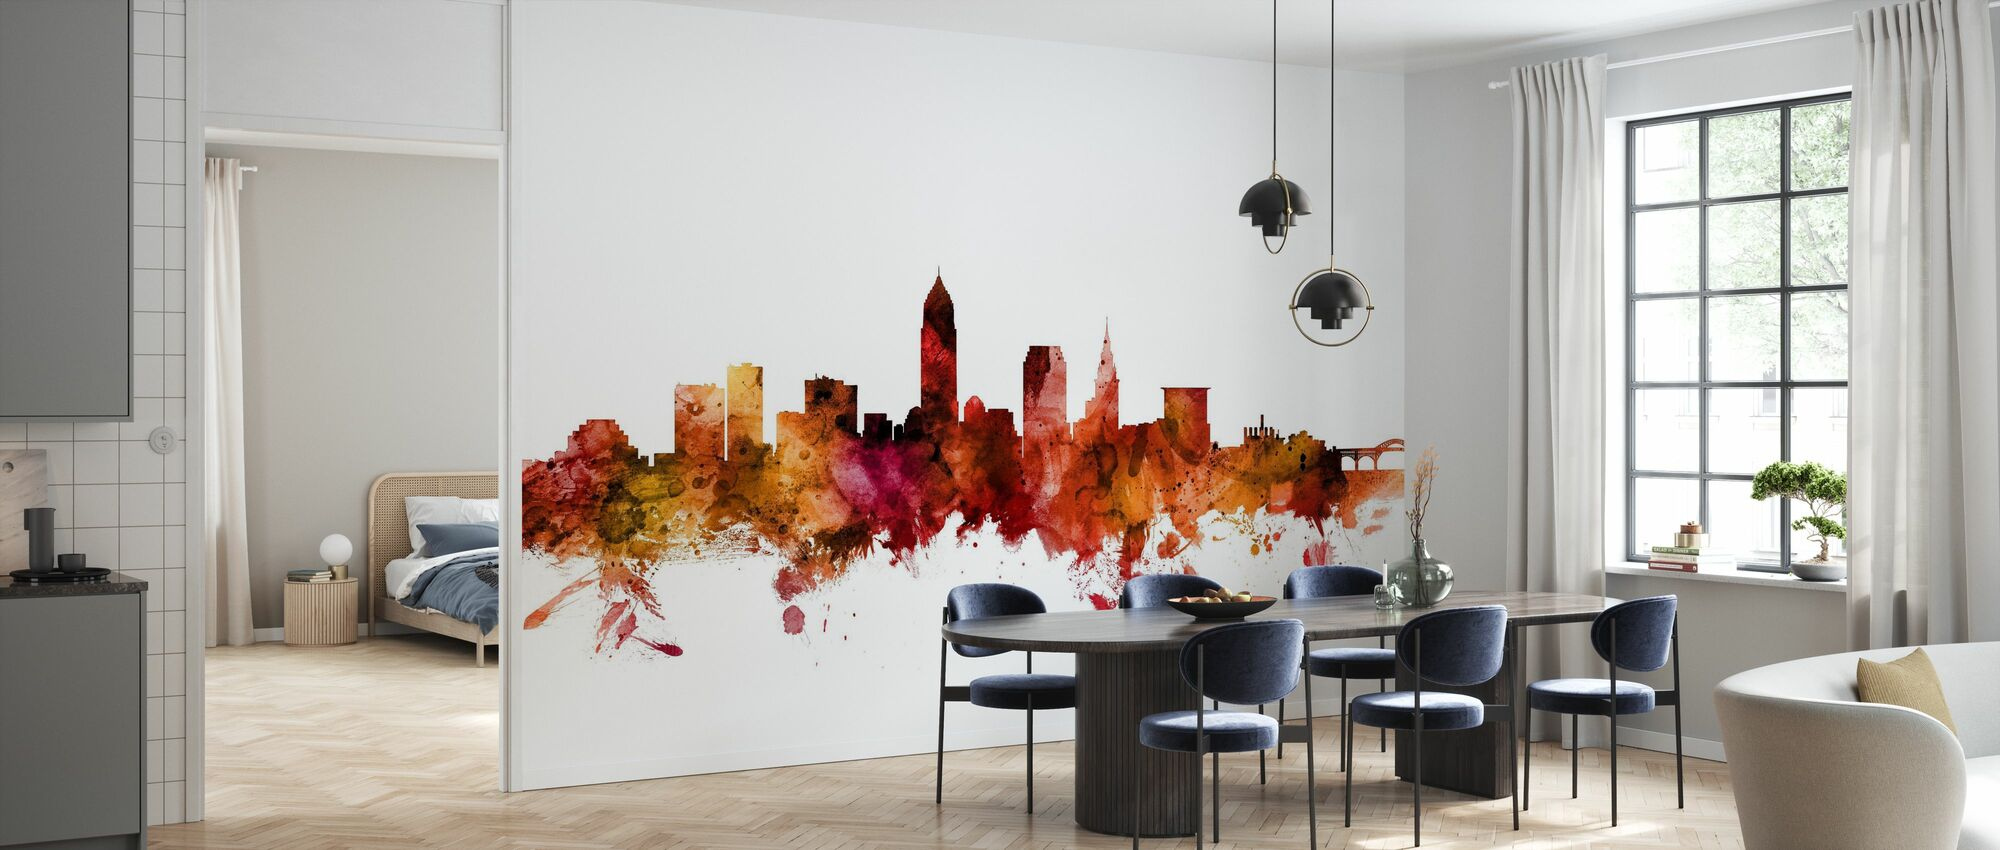 Cleveland Ohio Skyline - Wallpaper - Kitchen